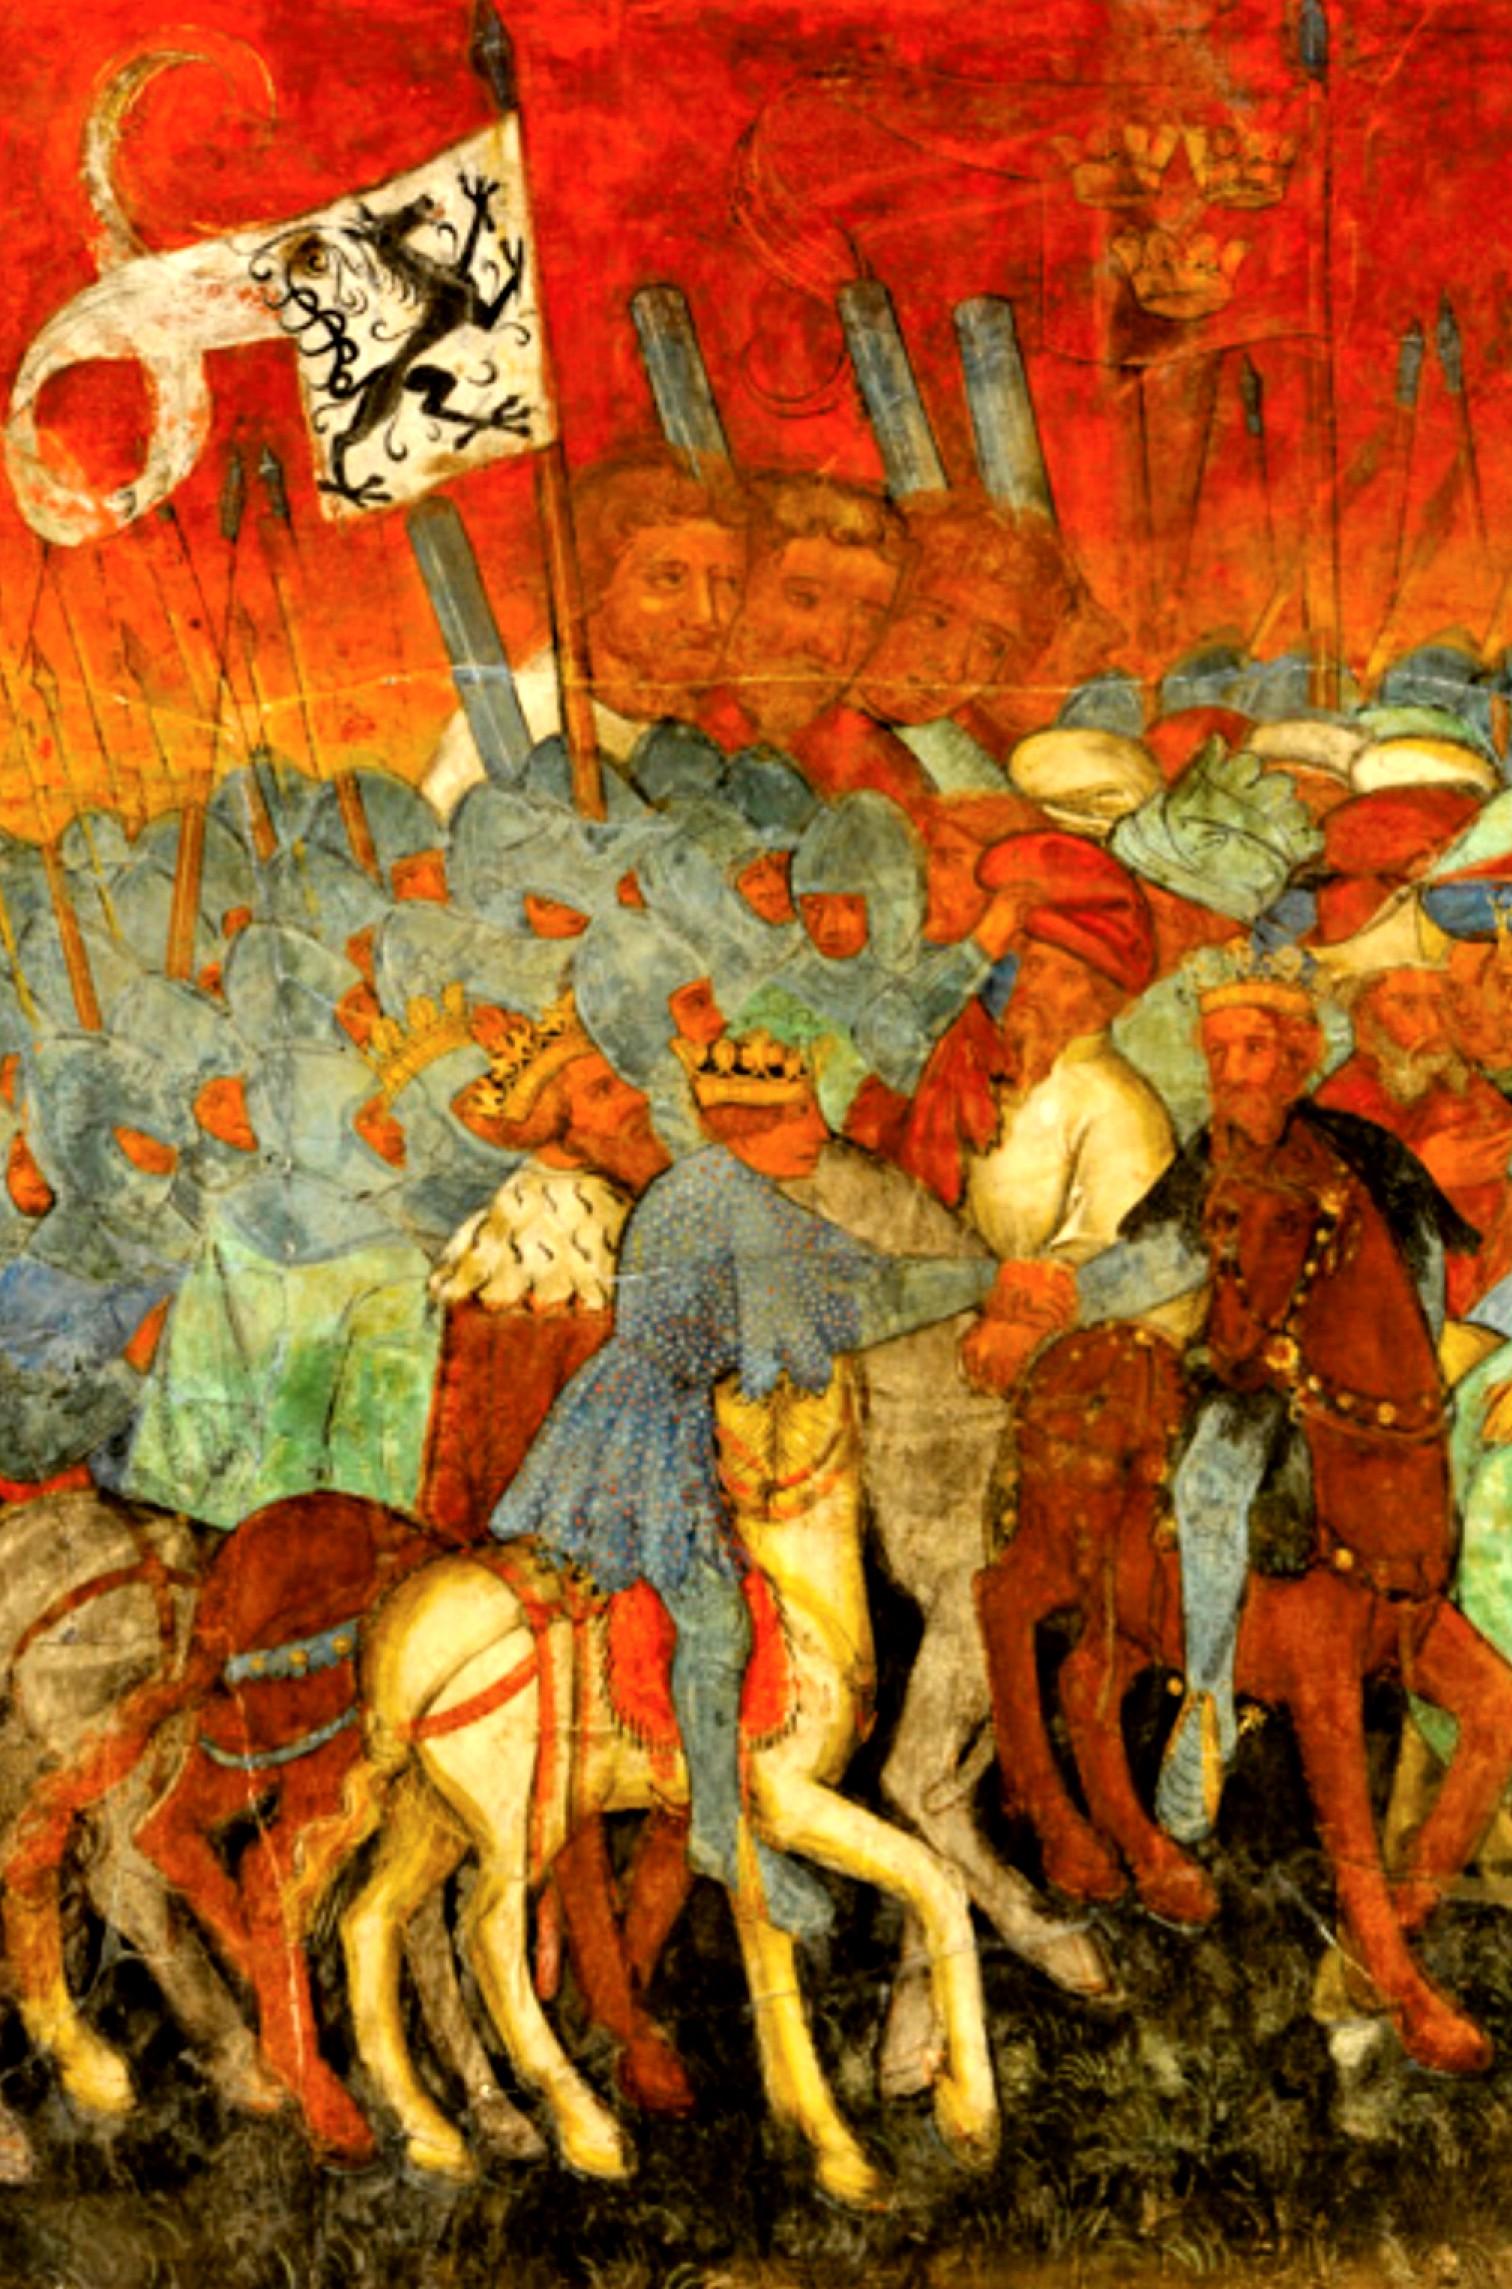 Trei Giganţi, pe o pictură murală din Castel Roncolo, Tirolul de Sud